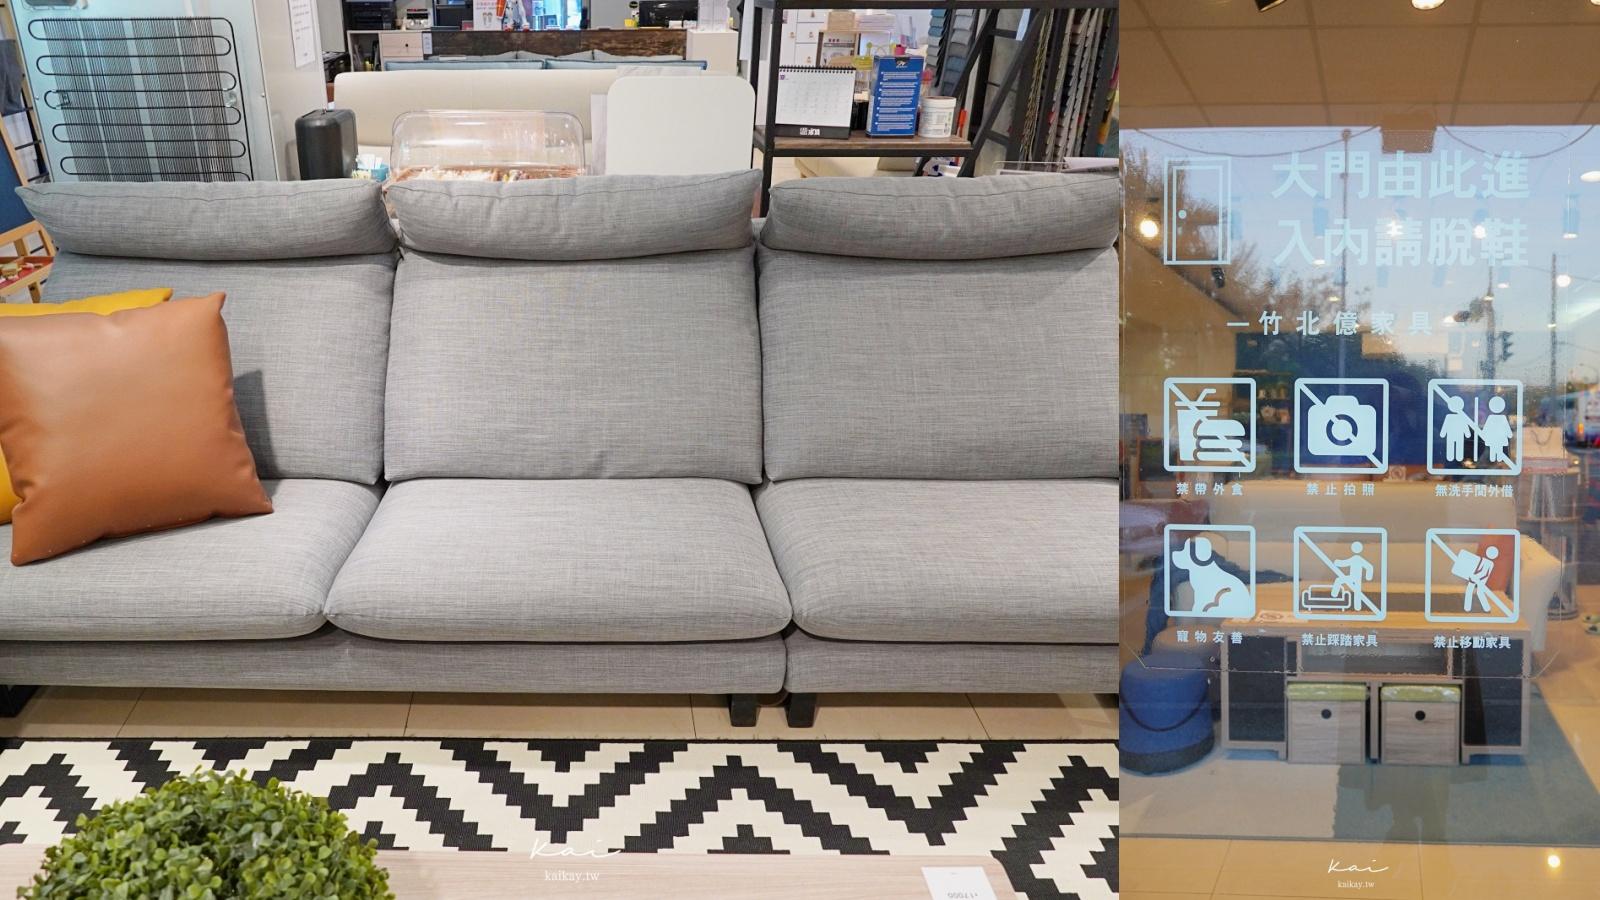 延伸閱讀:☆【億家俱-新竹店】就像回到自己家中的輕鬆舒適。試坐、挑選沙發完全零壓力